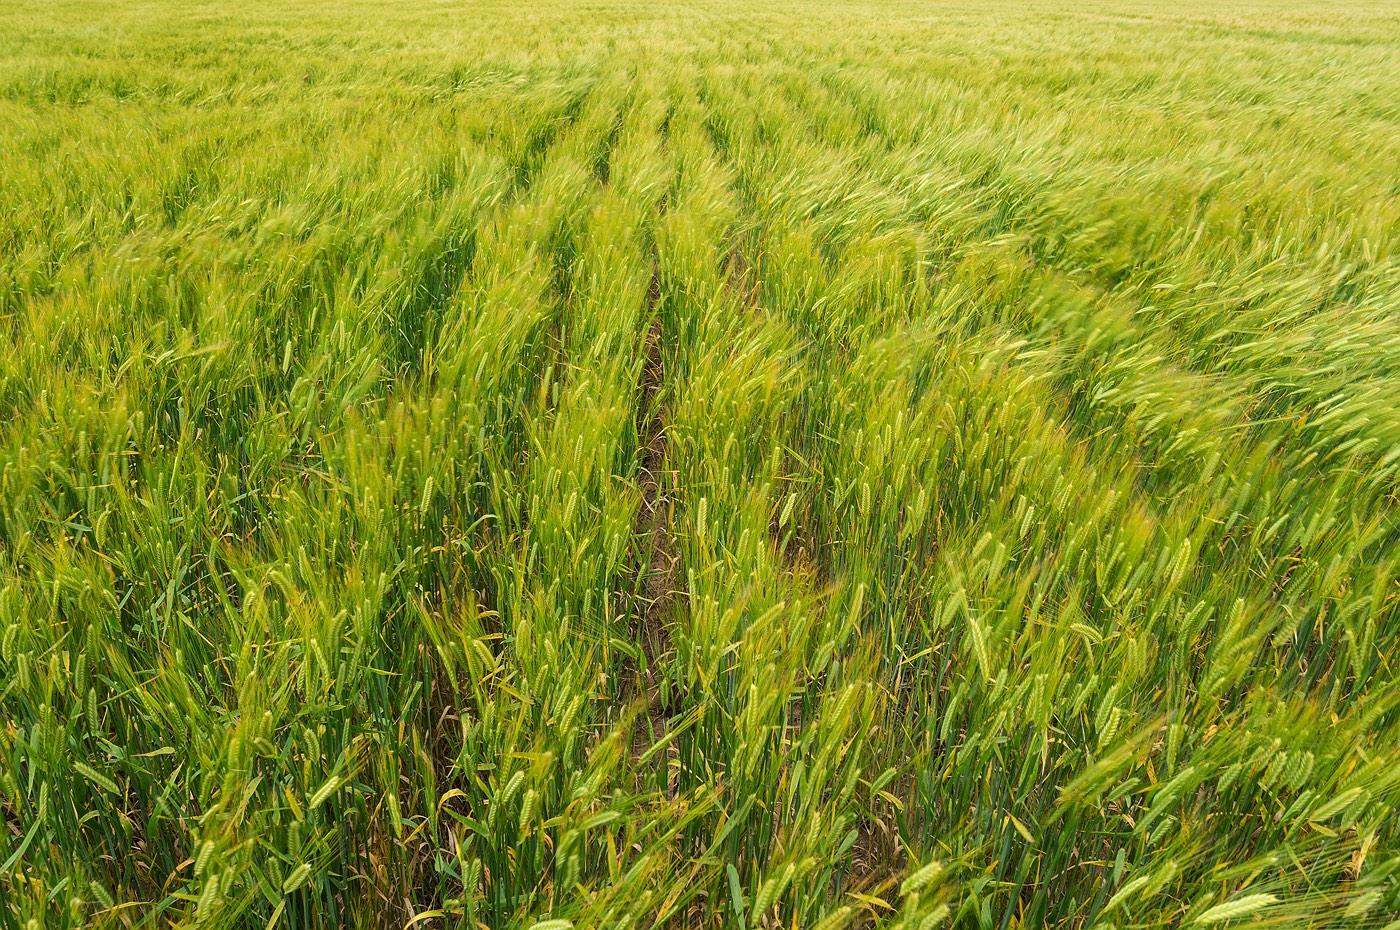 03_wyalkatchem_barley-farming_western_australia_rob-dose